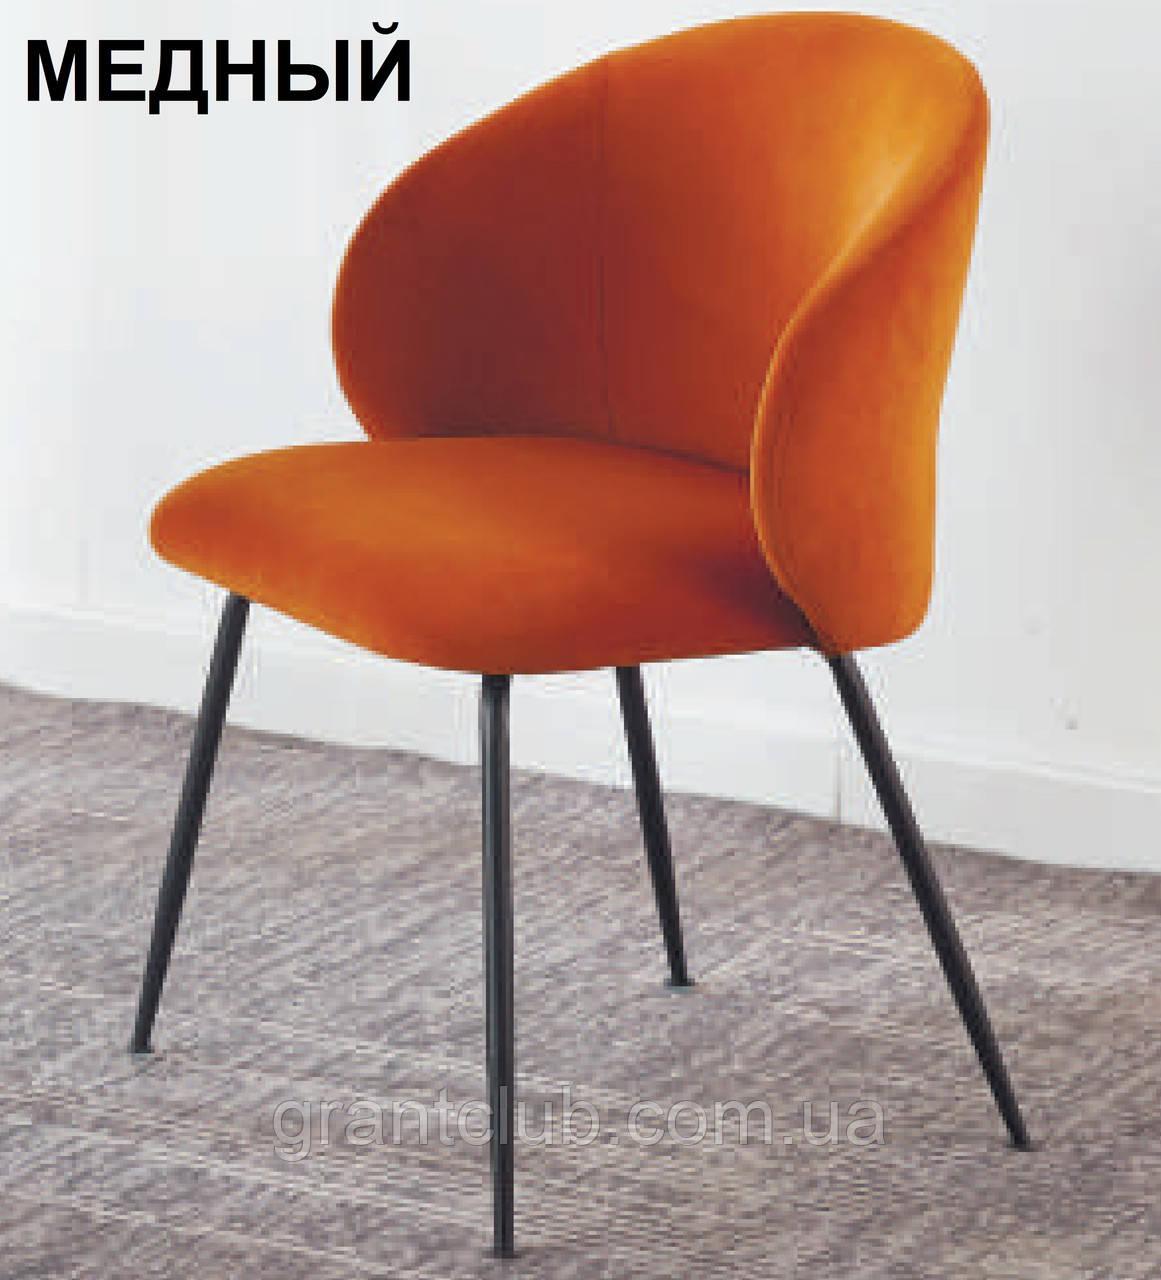 М'який стілець M-39 мідний вельвет Vetro Mebel